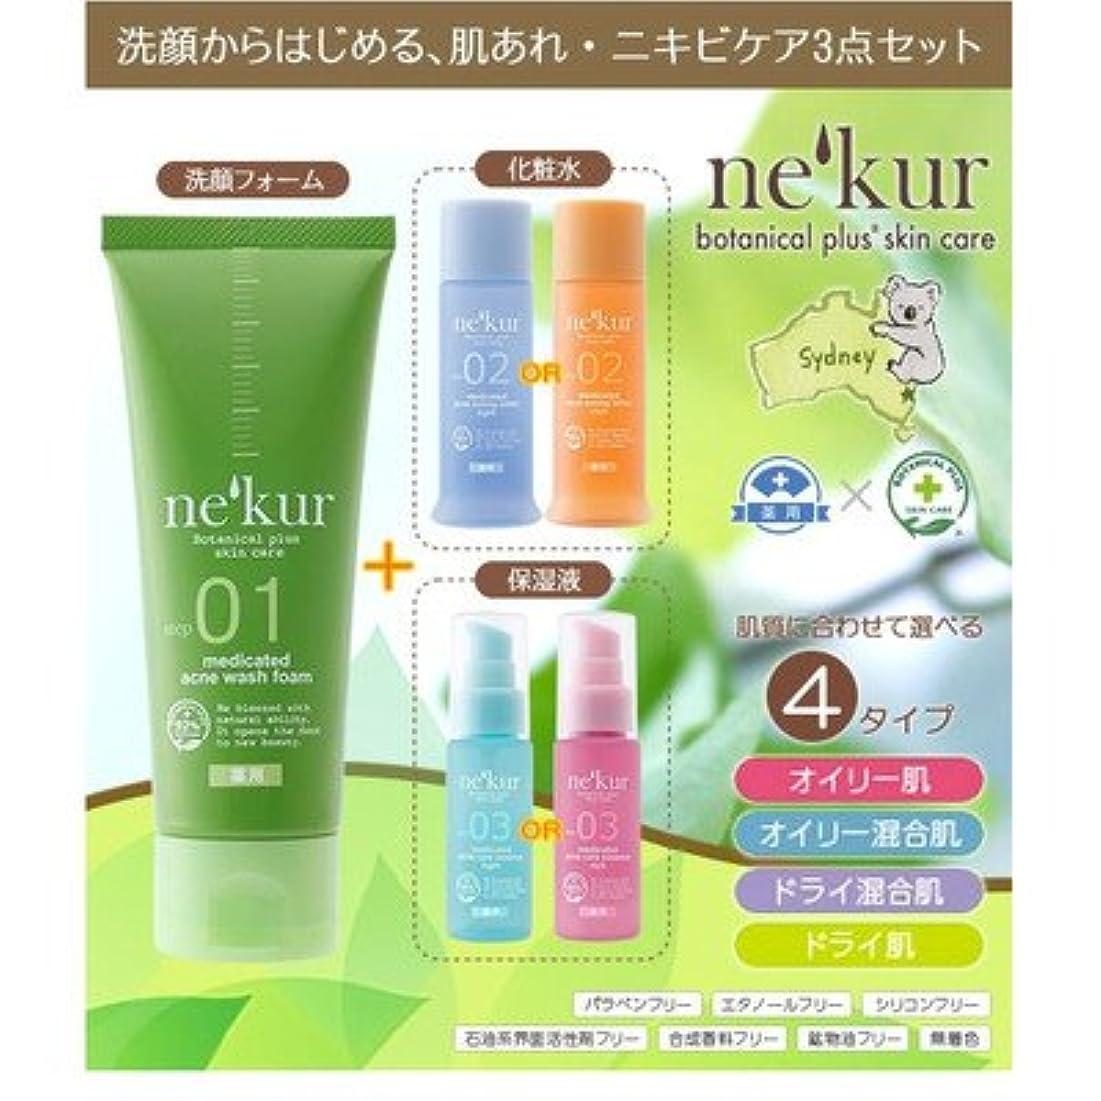 設計図宇宙に向かってネクア(nekur) ボタニカルプラススキンケア 薬用アクネ洗顔3点セット ドライ混合肌セット( 画像はイメージ画像です お届けの商品はドライ混合肌セットのみとなります)